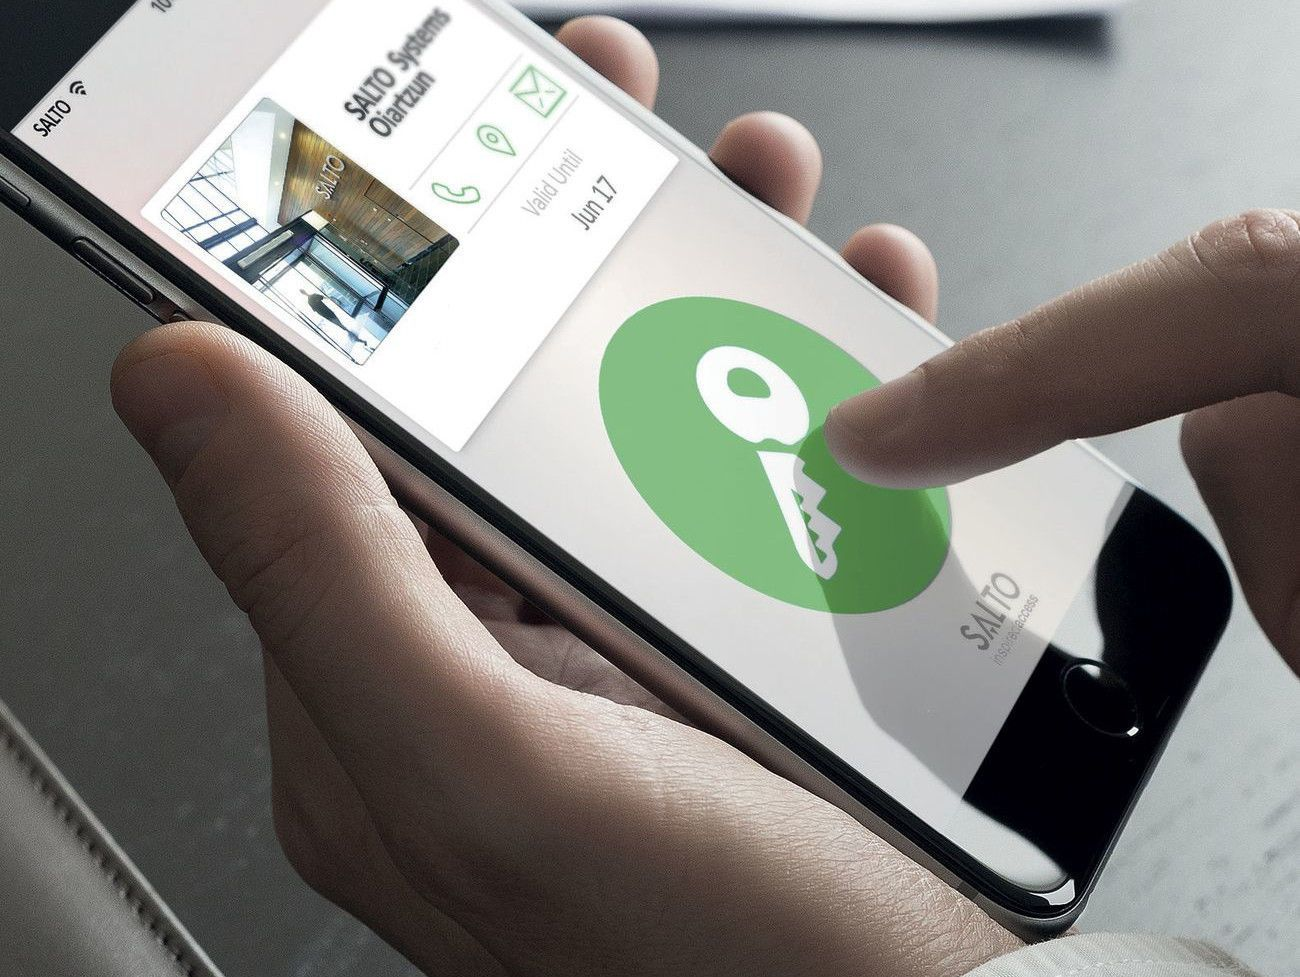 Khóa Salto - Khóa cửa mở bằng Smartphone thông minh nhất